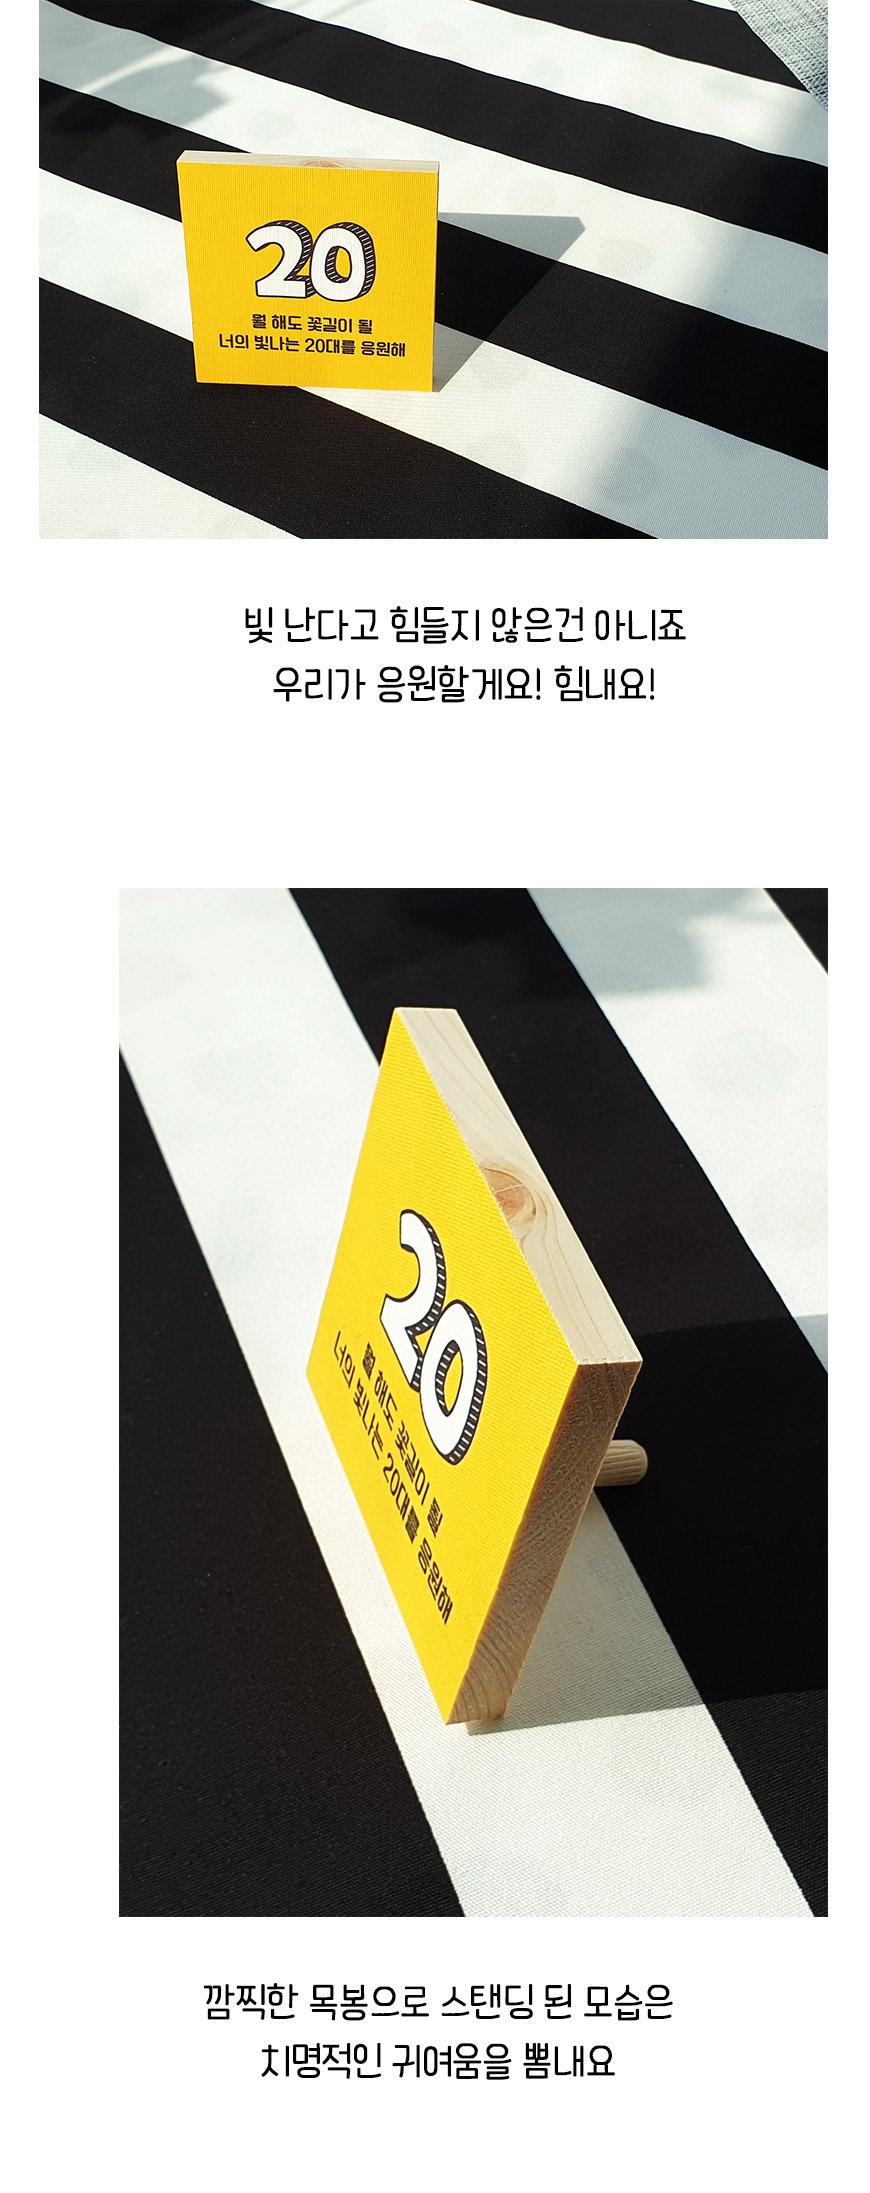 1AM 성년의날 기념 주문제작 액자 선물 - 1AM, 13,900원, 액자, 미니액자